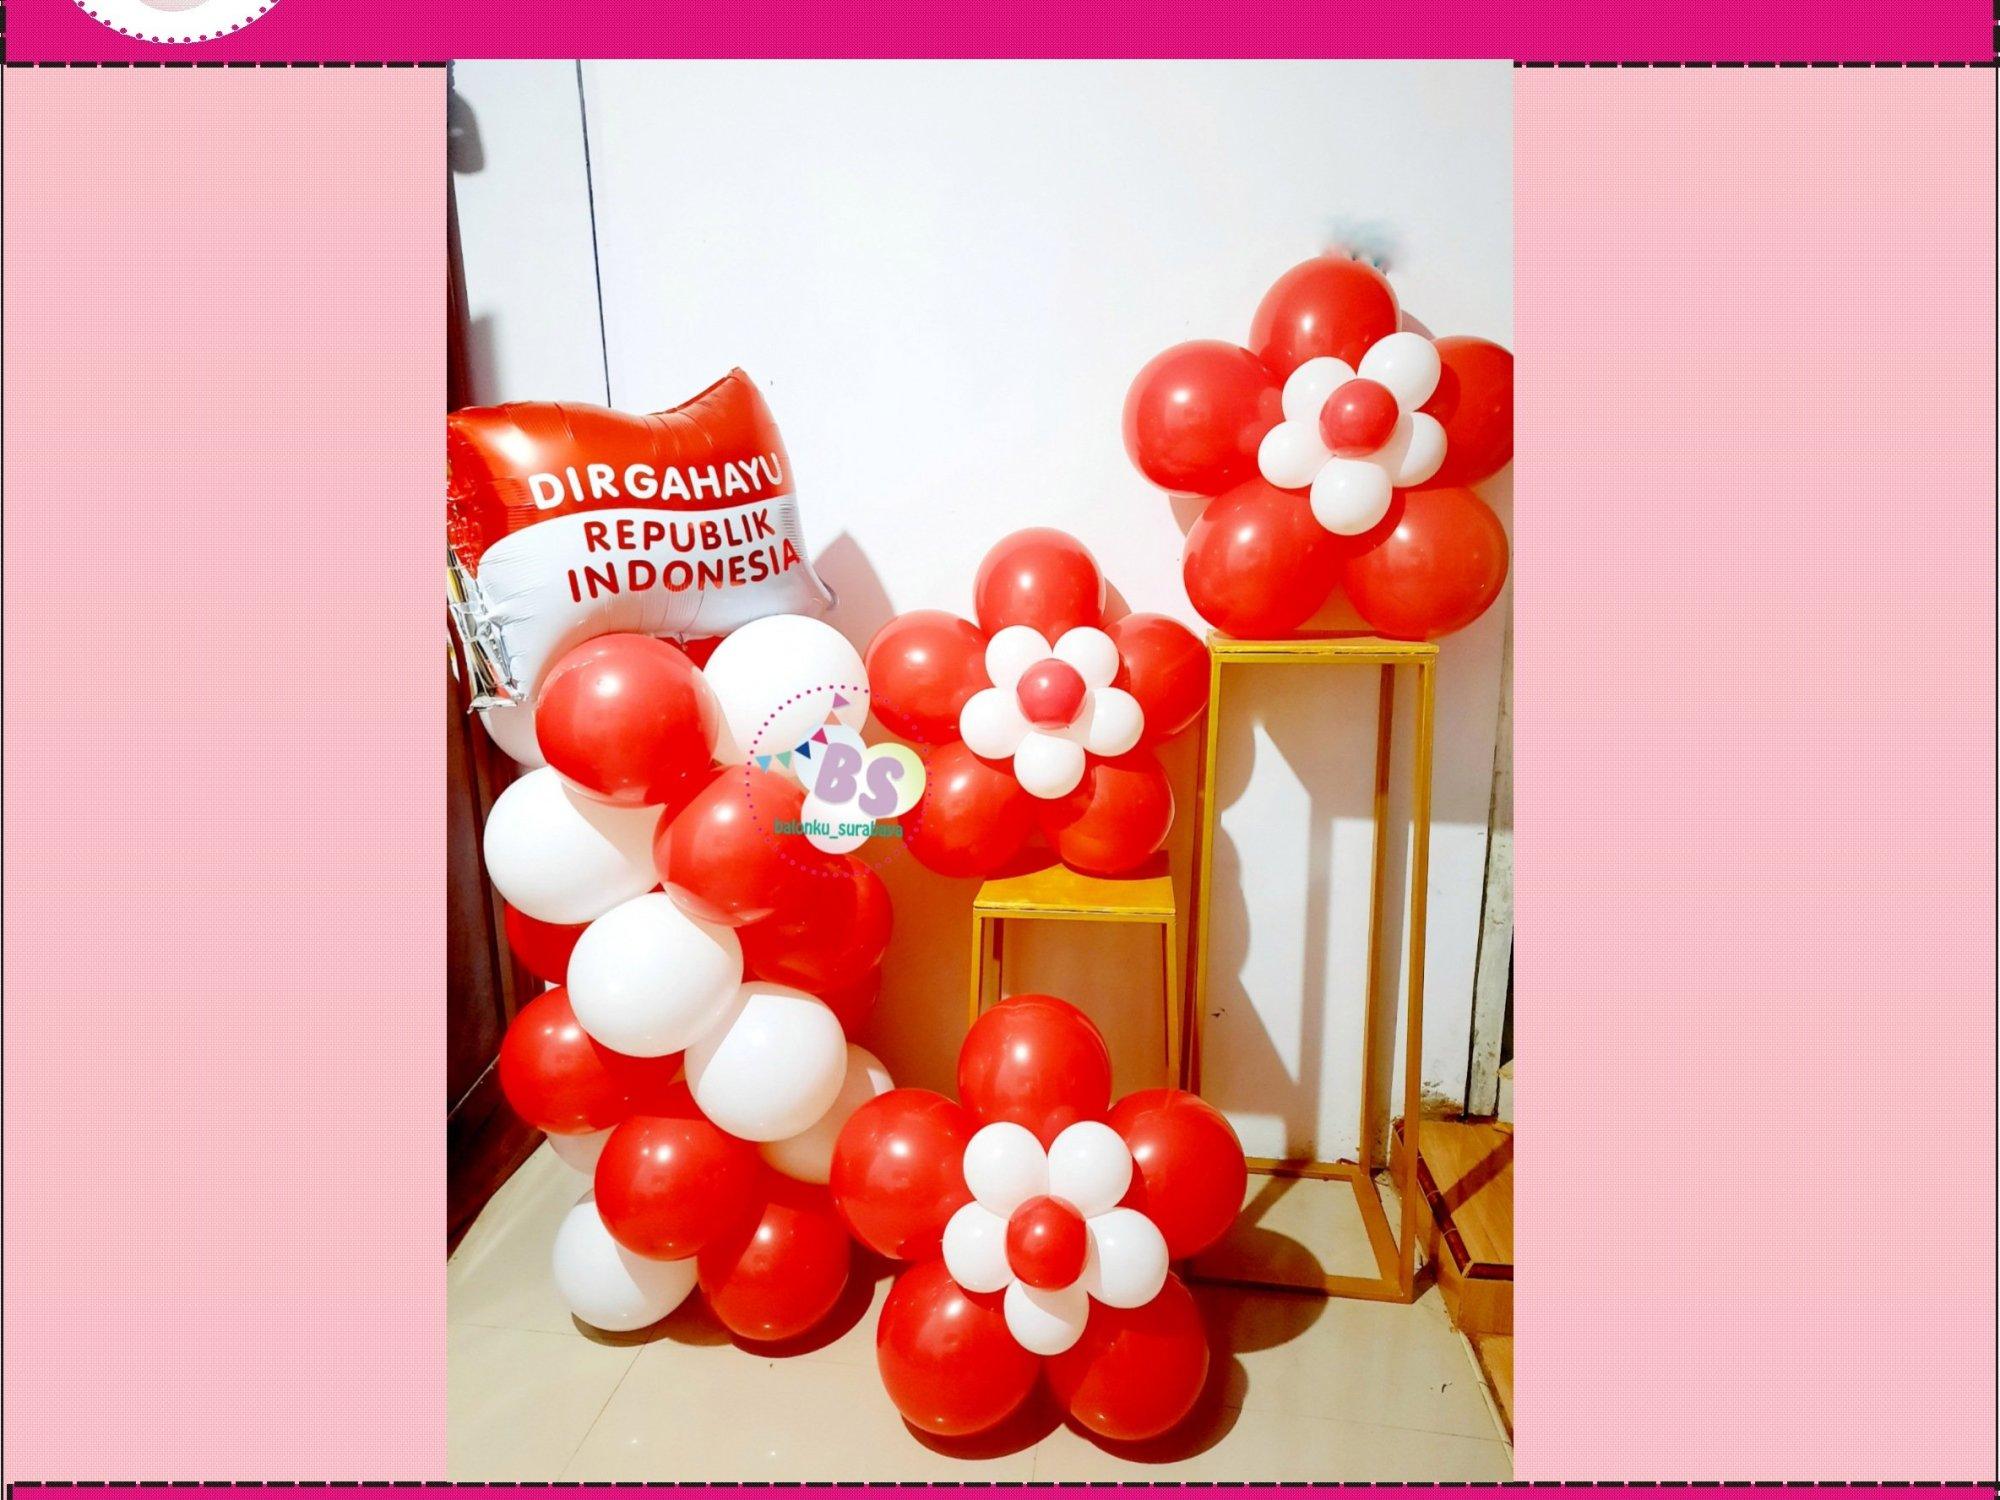 dekorasi balon 17 agustus, balon bentuk bunga merah putih, label air mineral batman, balon bentuk bunga merah putih, parcel balon ucapan warna pink, balon bentuk bunga, standing balon custom, balon ucapan ulang tahun anak, balon ucapan ulang tahun warna merah, balon ucapan ulang tahun merah, balon ucapan ulang tahun anak balon ucapan warna peach, baln ucapan box coklat, jual balon latex twist hijau emerald, BAlon Gas,Bunga dekorasi,Rangkaian bunga artificial, Buket bunga, buket bunga mawar, harga buket bunga,Balon sablon, balon Printing, balon promosi, Perlengkapan ulang tahun, Balon latex , balon doff, balon natal, balon agustusan, balon dekorasi, balonku Surabaya, 085733133529